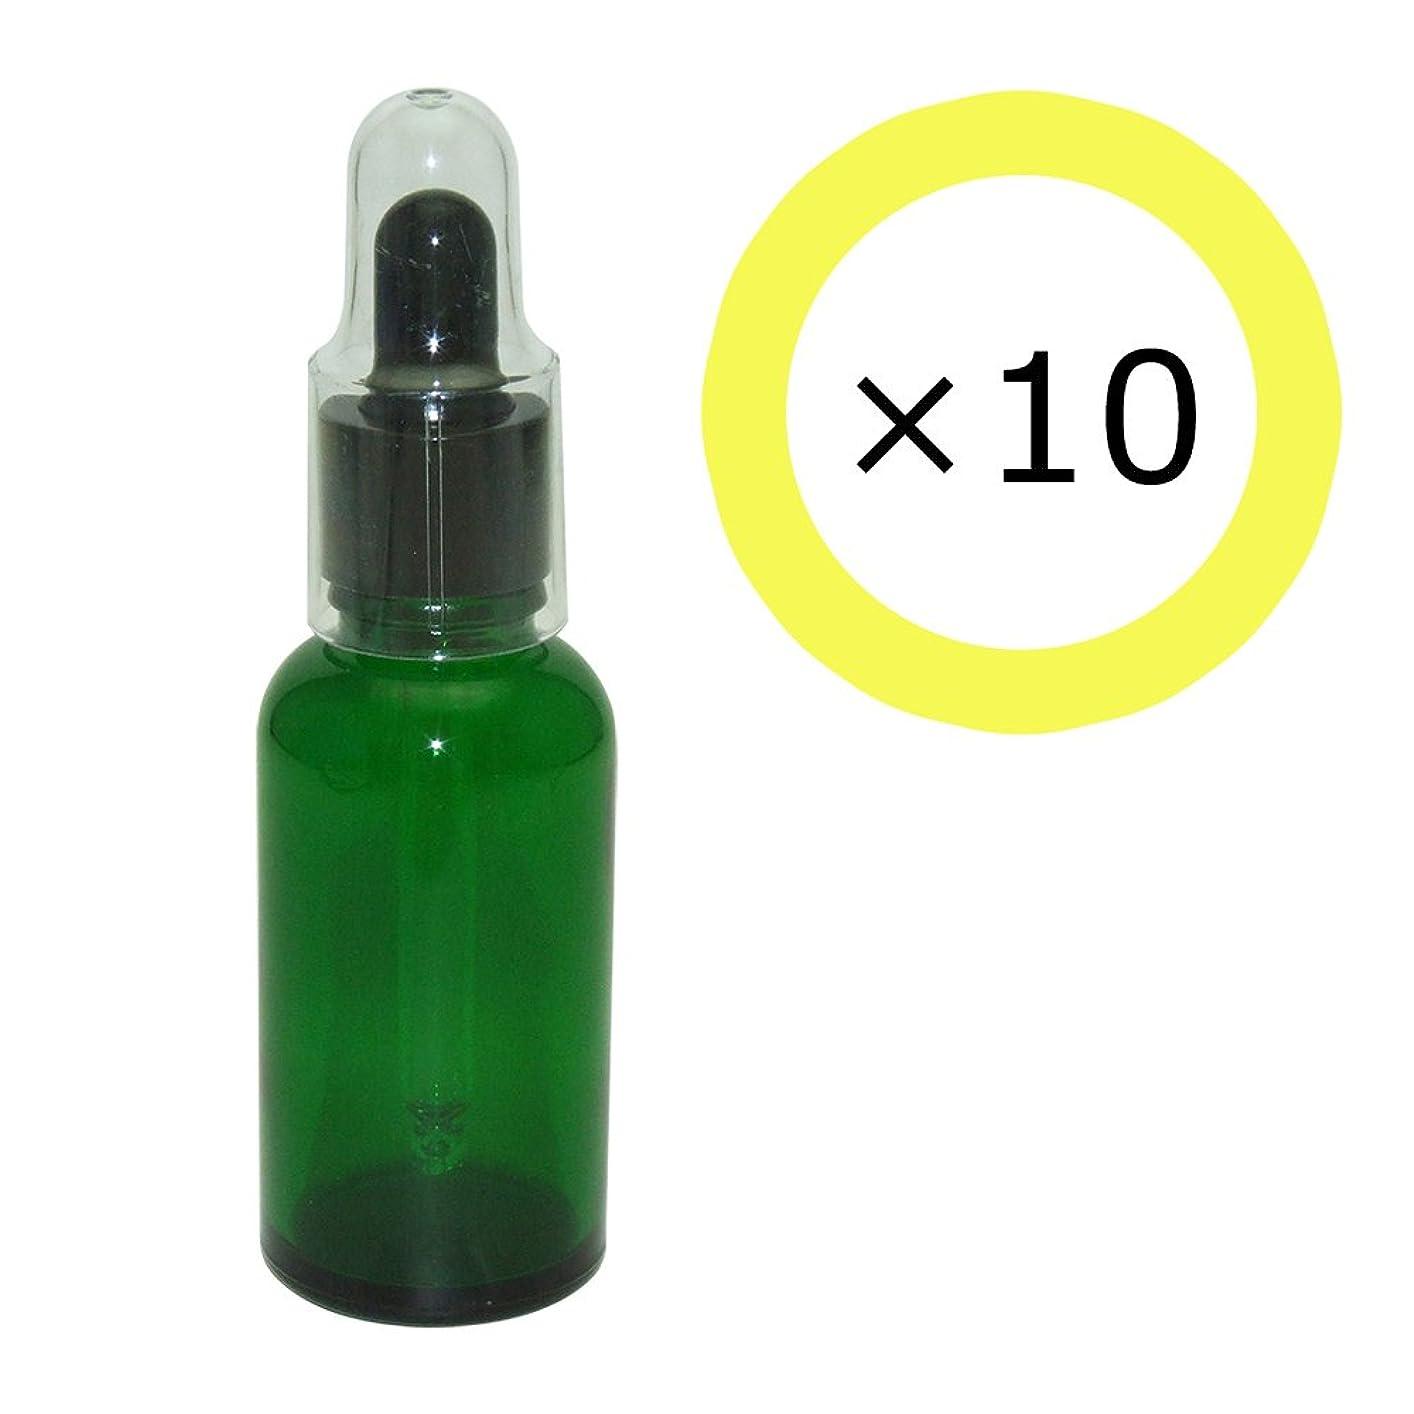 寂しい有用忠実にガレージ?ゼロ 遮光ガラス スポイド瓶 【緑】 30ml×10個/アロマ保存